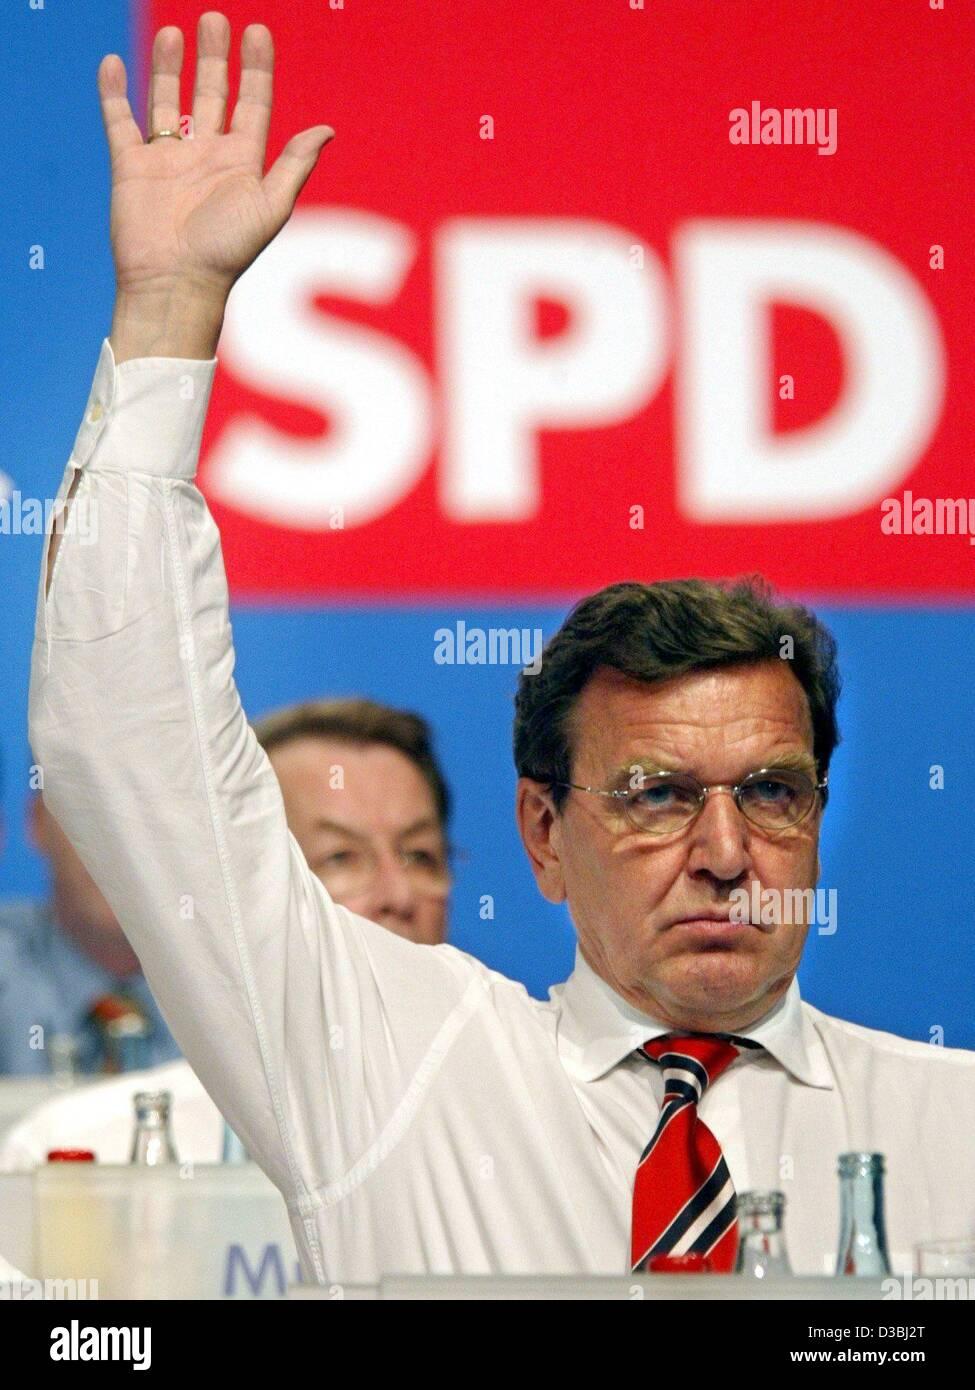 (Afp) - Le Chancelier allemand Gerhard Schroeder lève la main pendant une acclamation lors d'une conférence Photo Stock